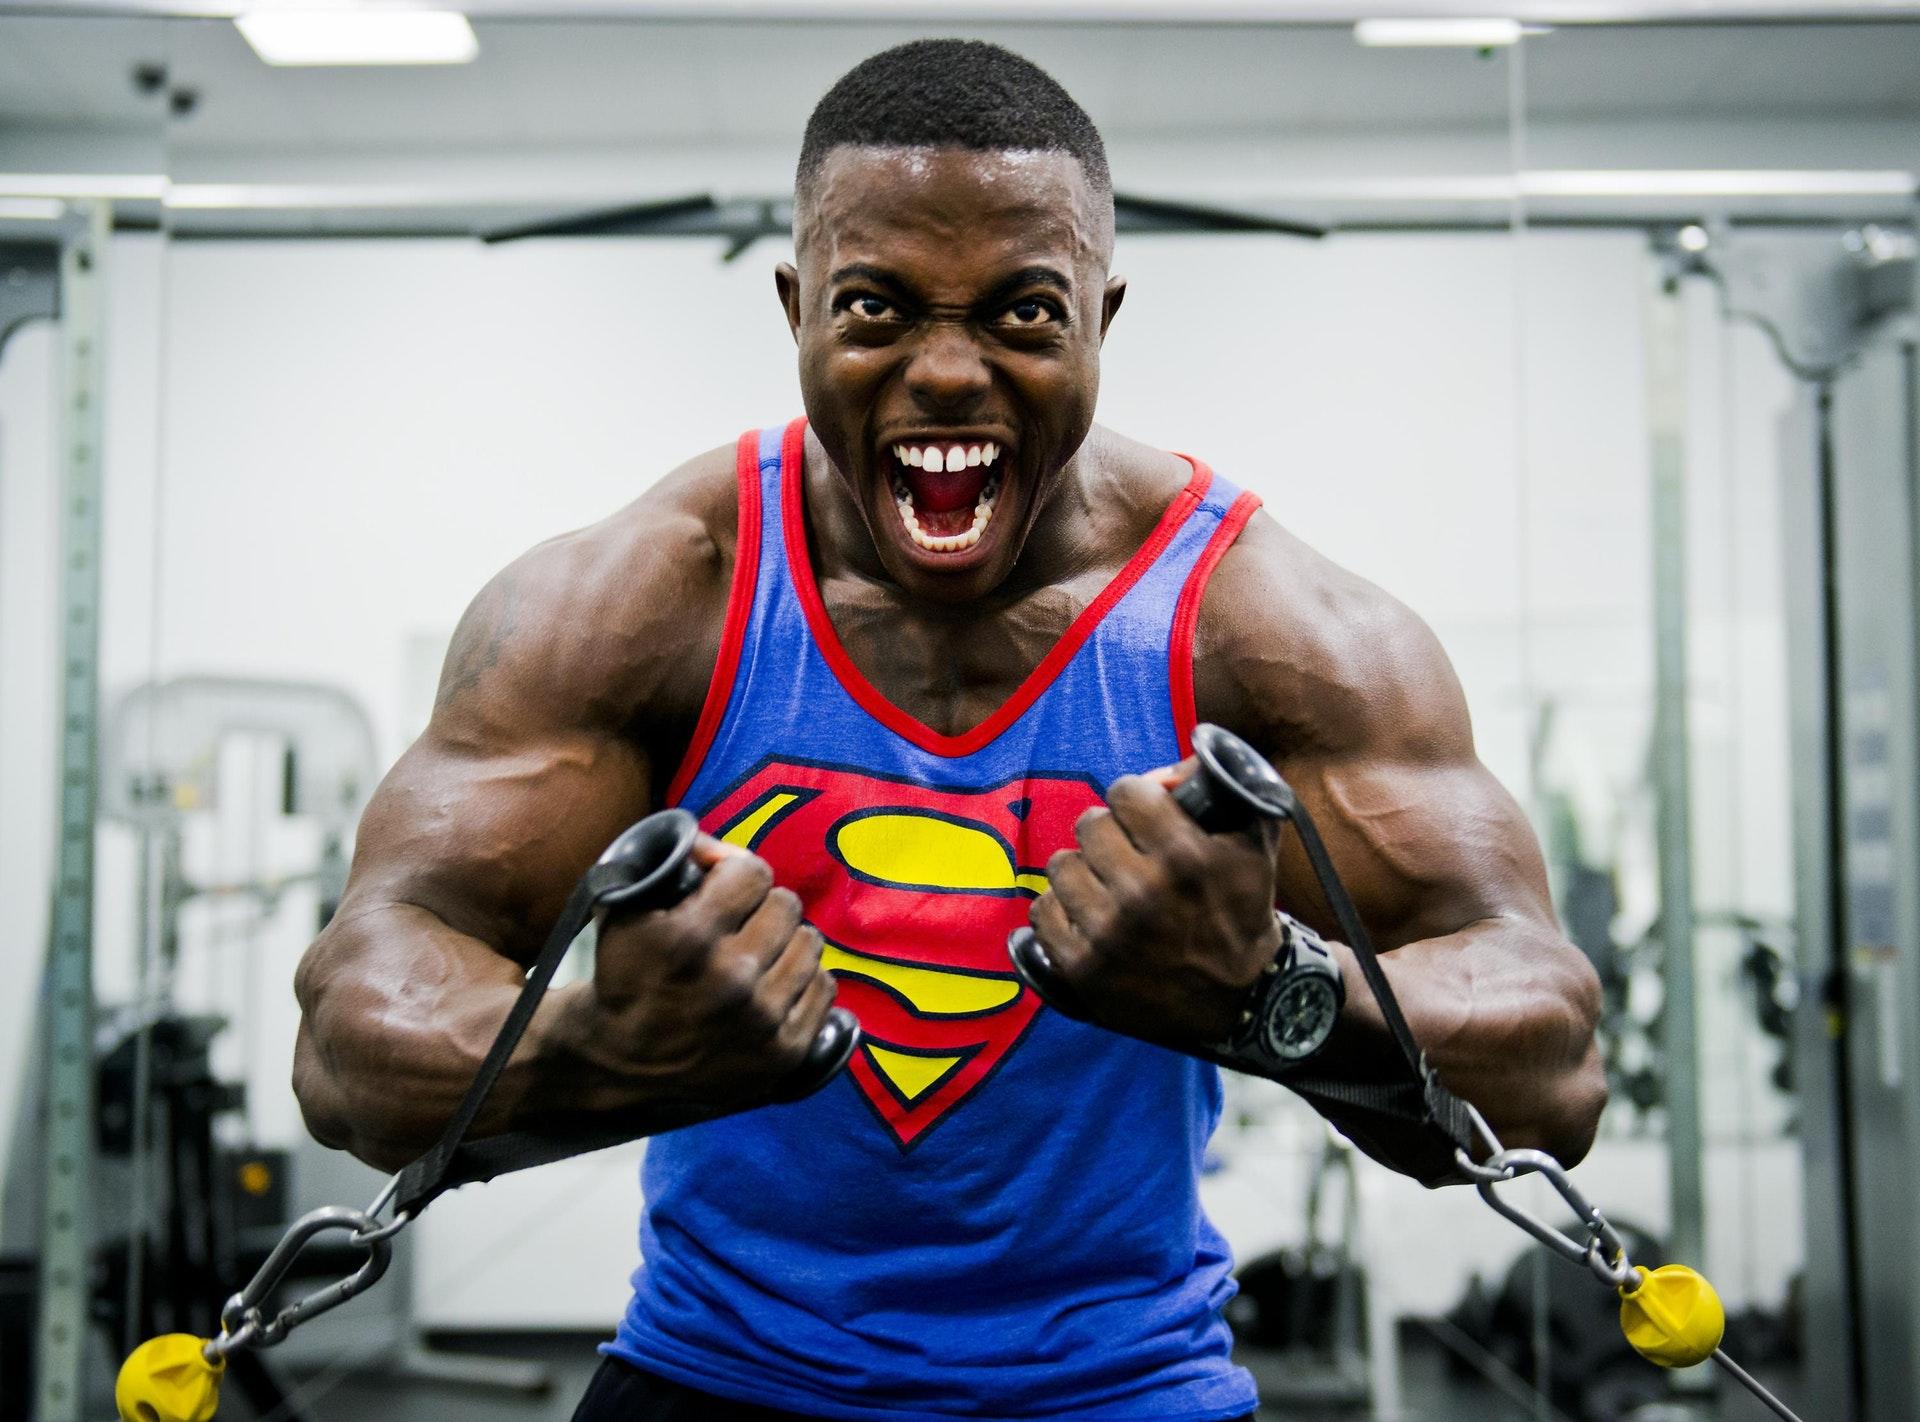 Like big muscles do girls Girls, do